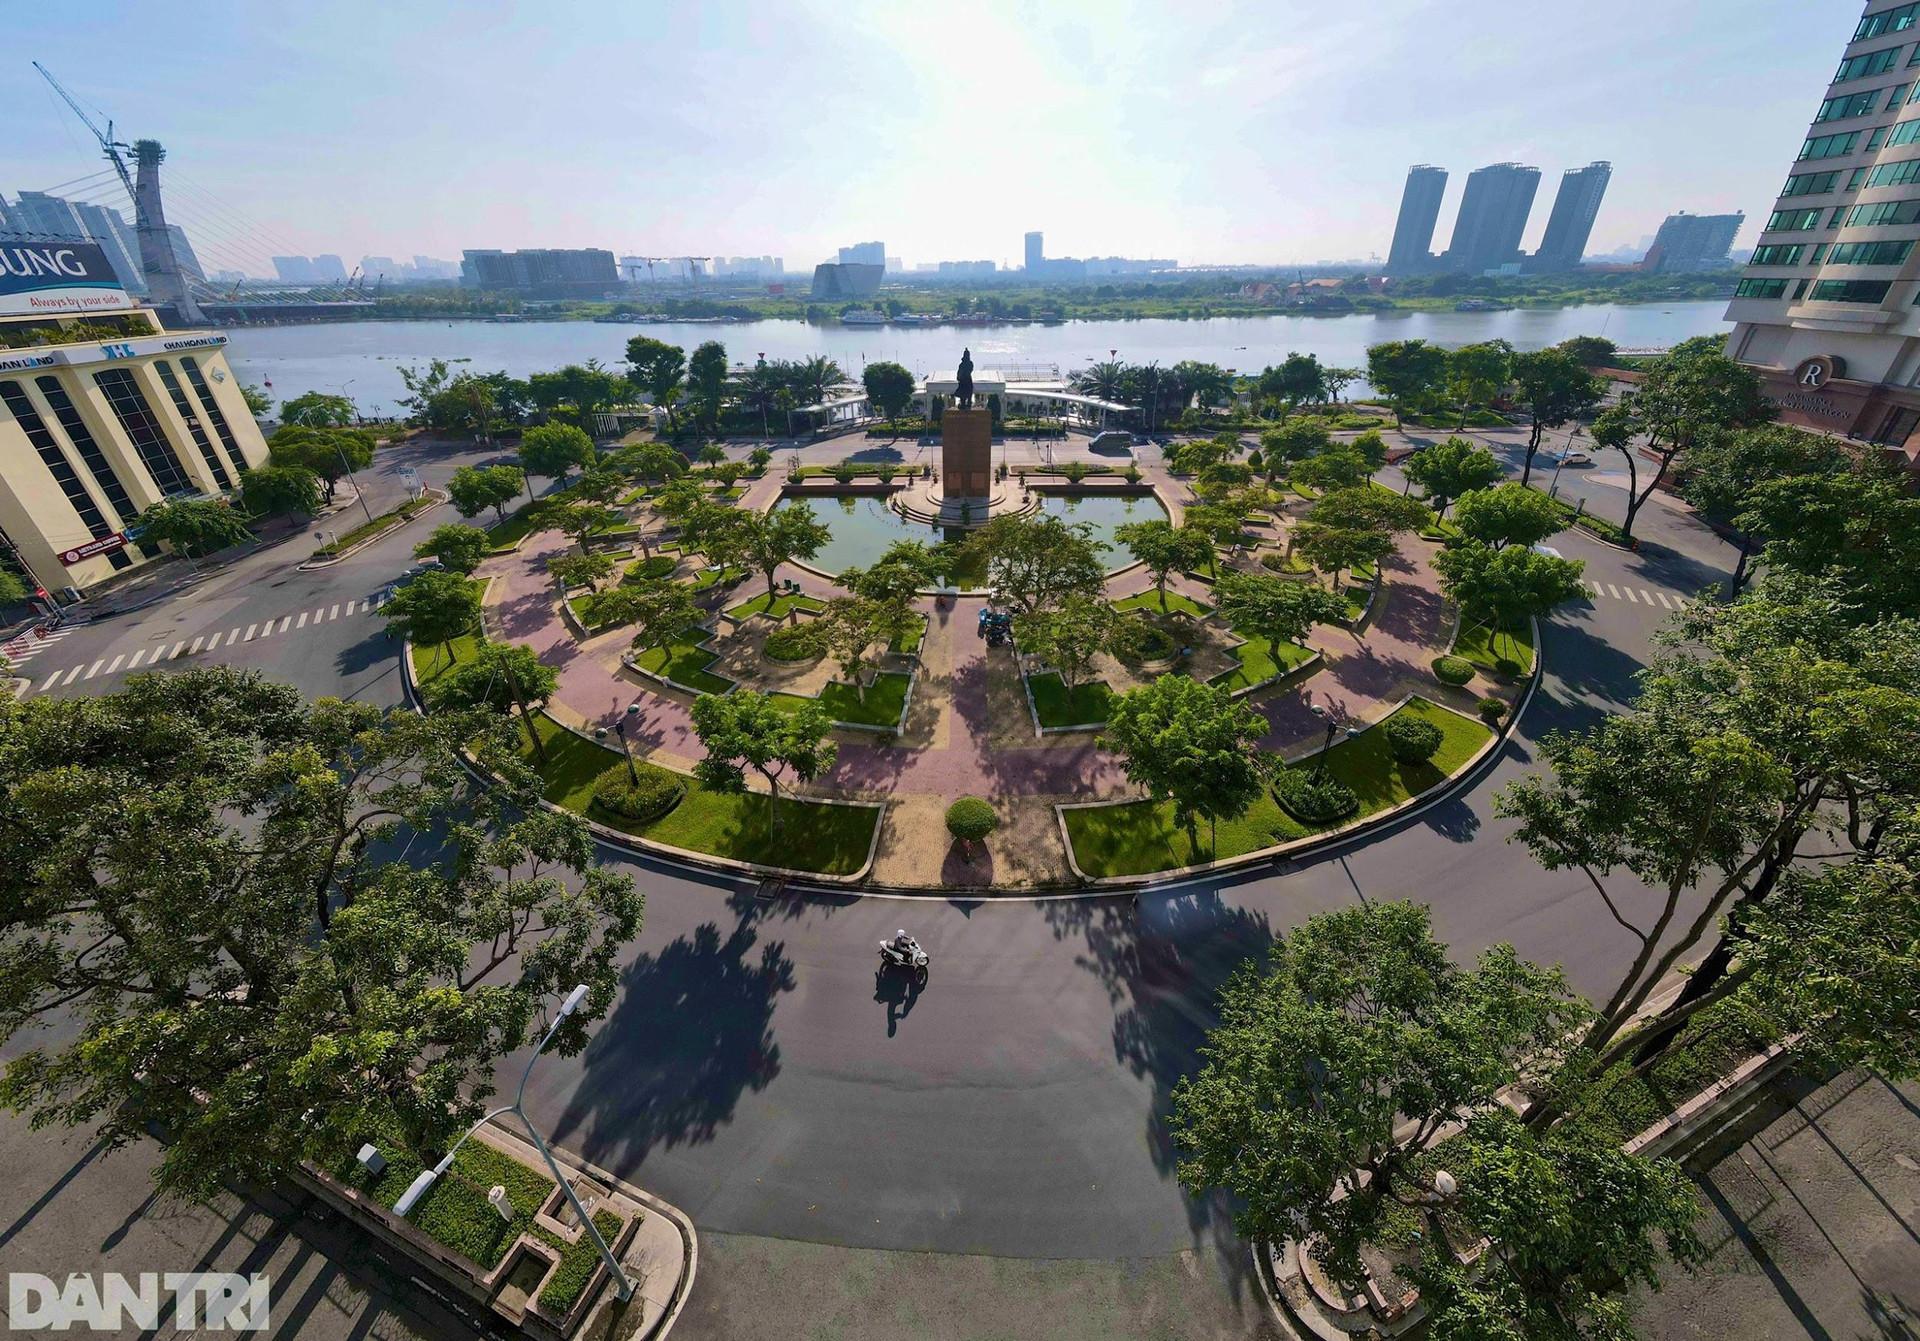 Cận cảnh khu tượng đài Trần Hưng Đạo xuống cấp sắp được